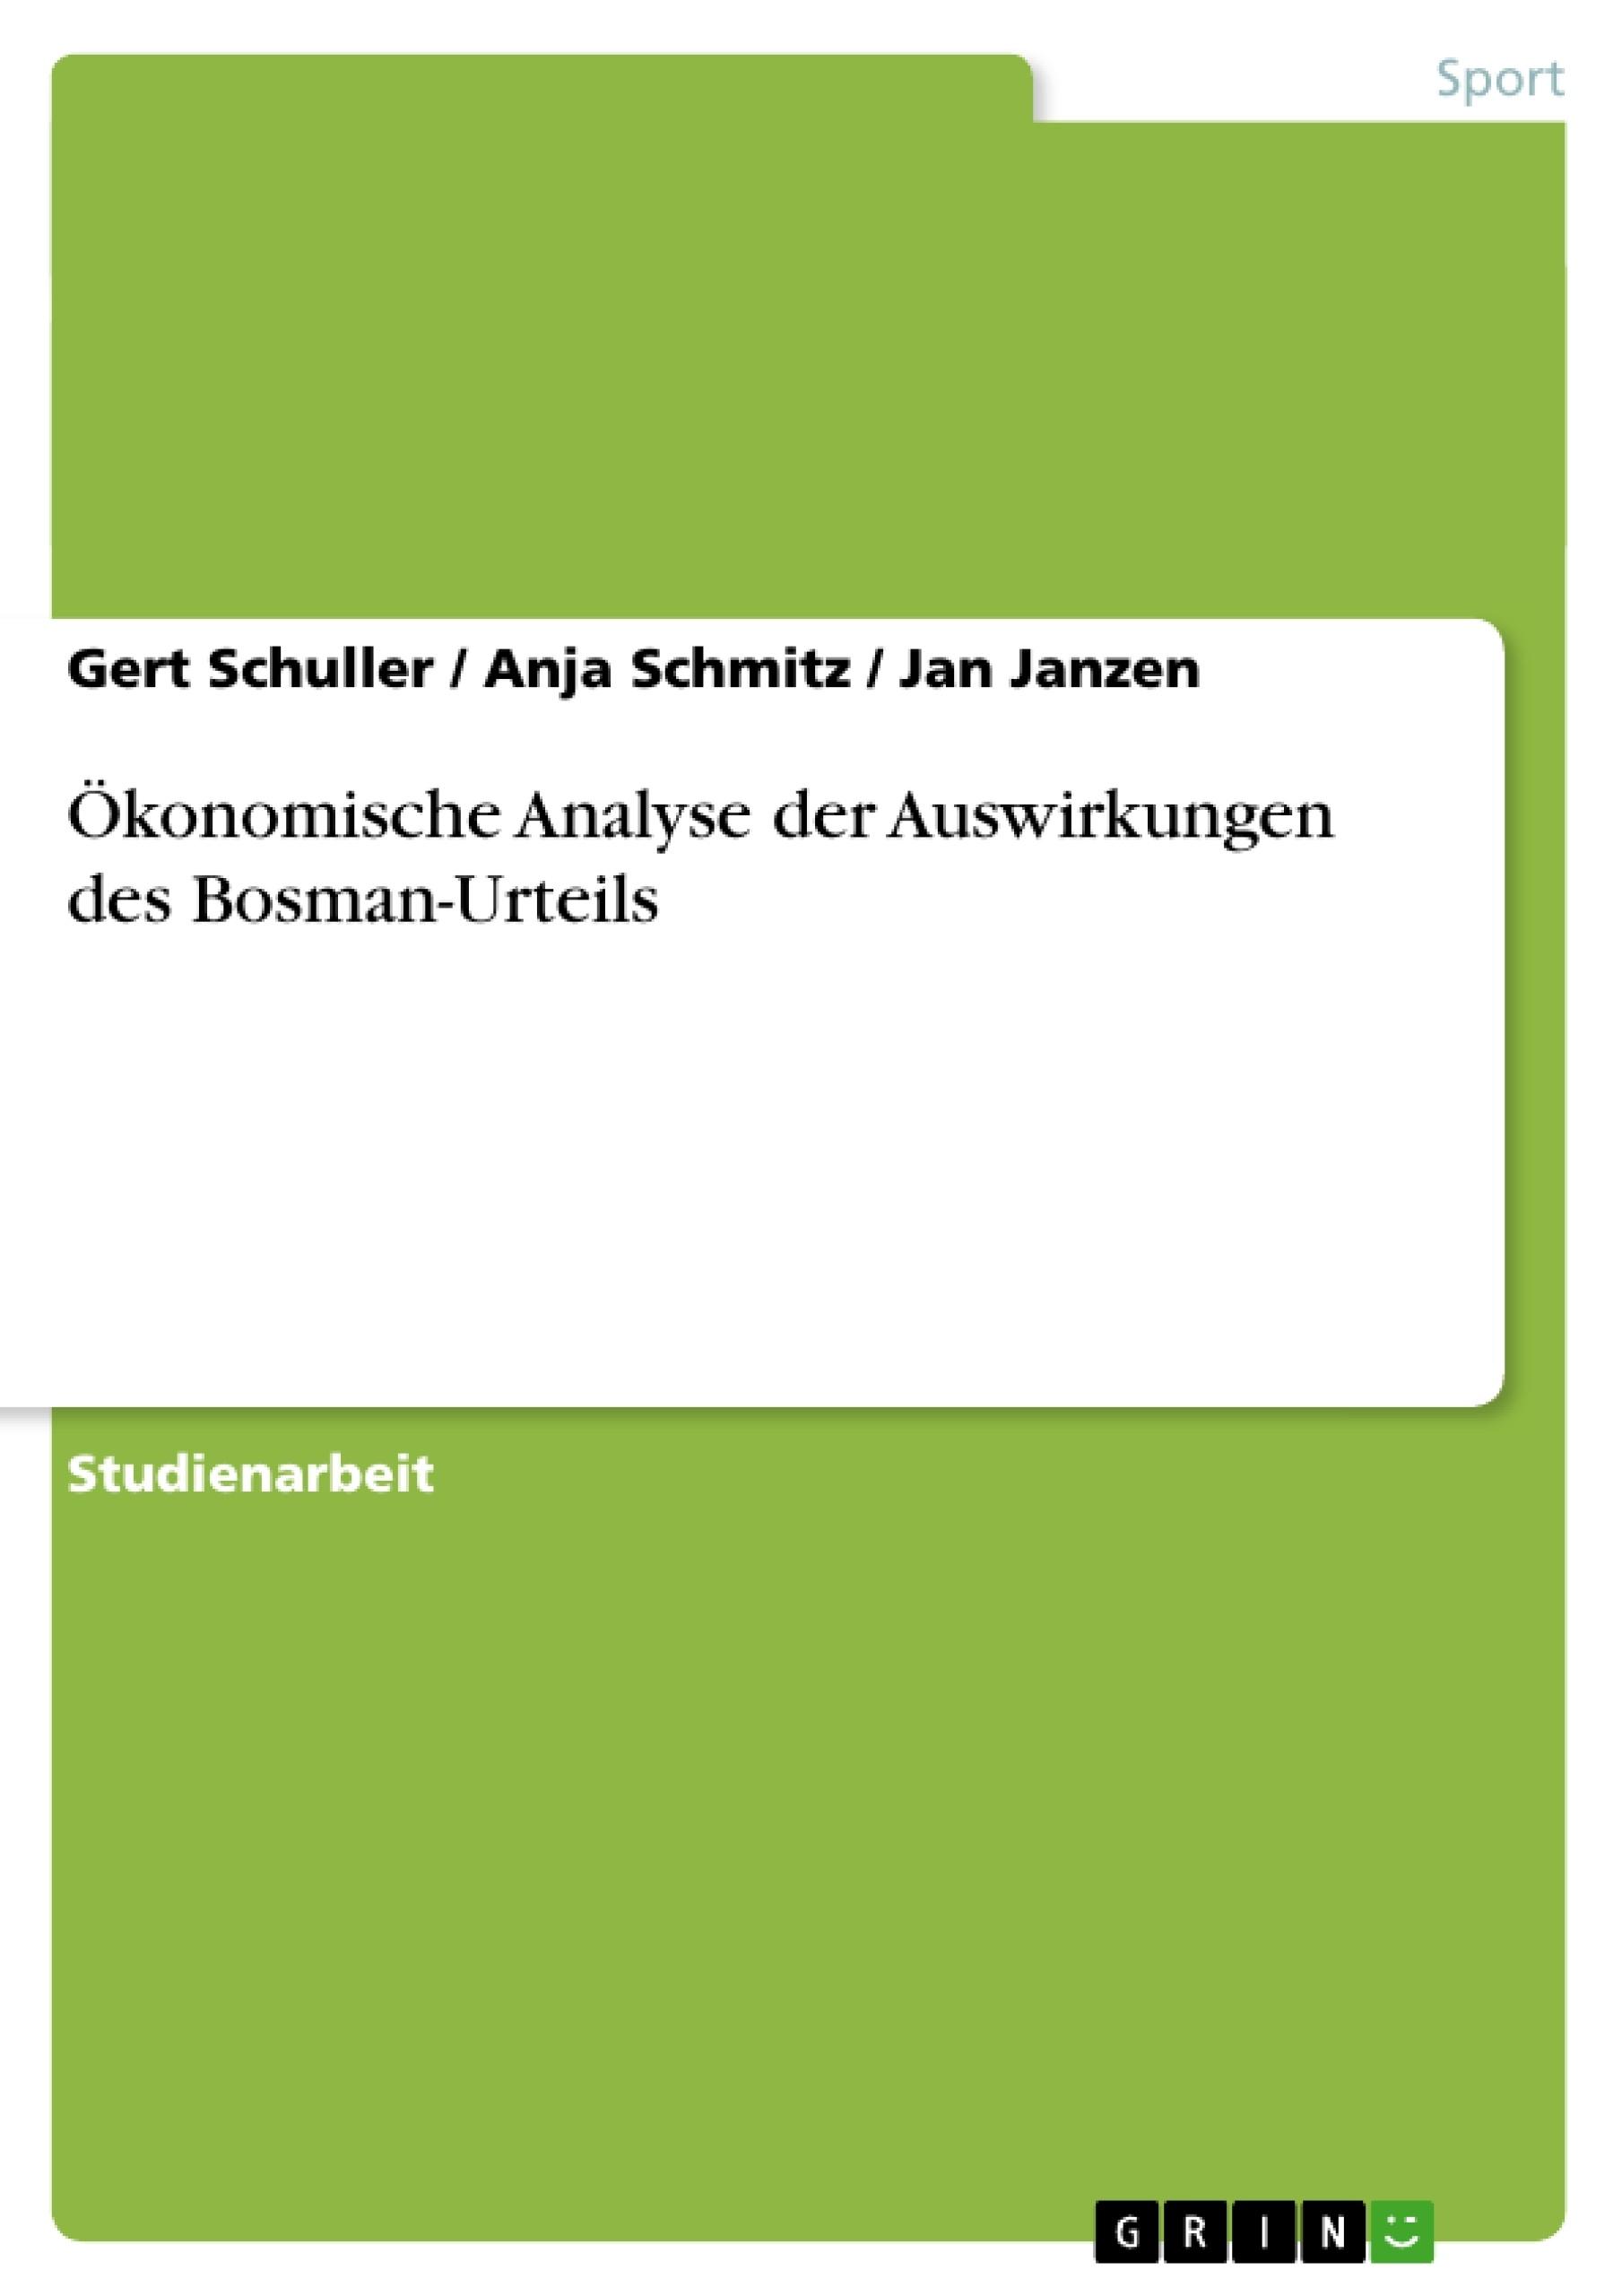 Titel: Ökonomische Analyse der Auswirkungen des Bosman-Urteils